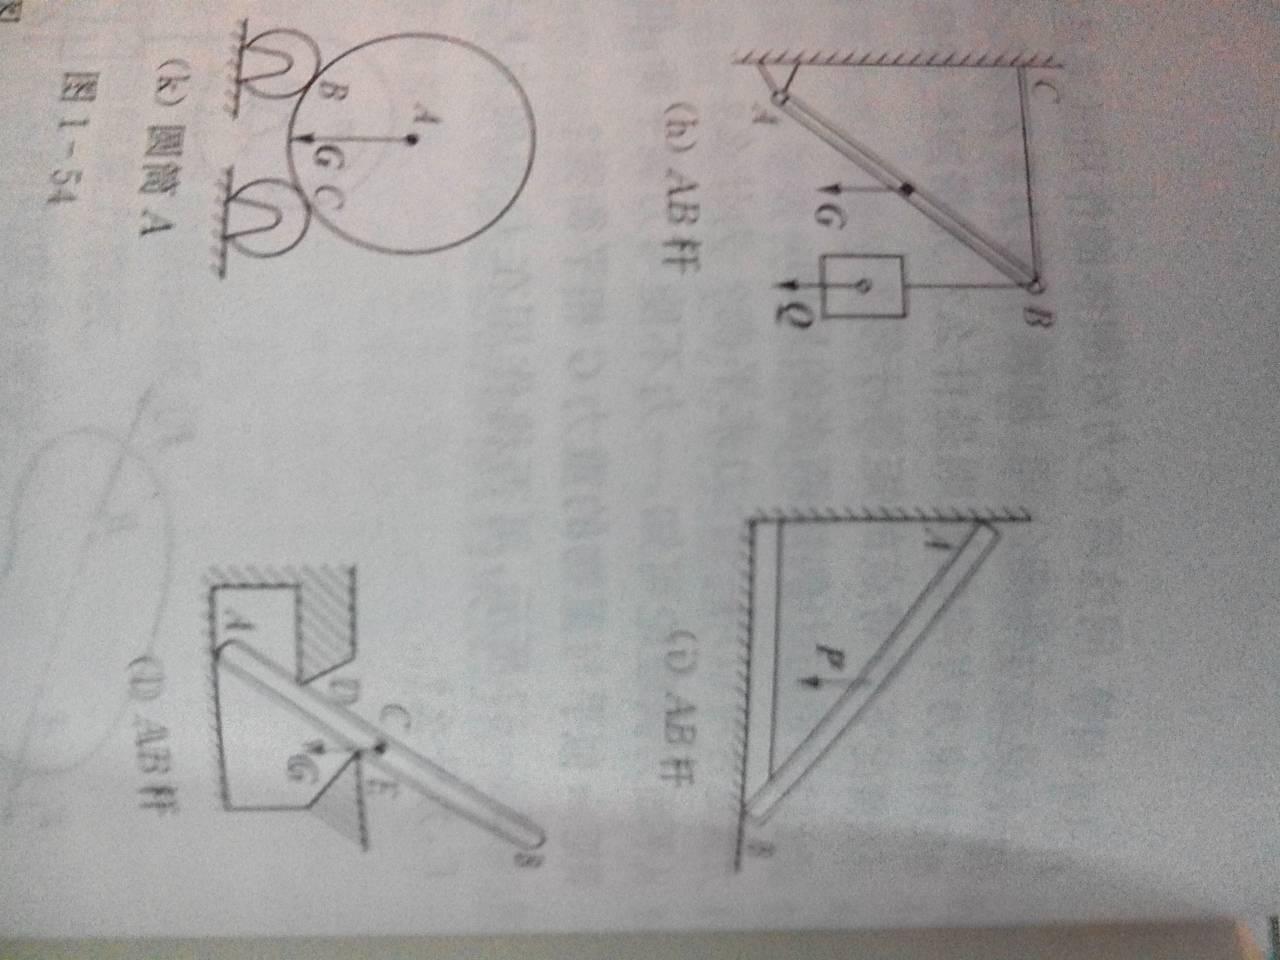 力学界面分析-表面与界面物理力学_界面热力学概述_界面力学_界面动力学_生物材料表界面力学